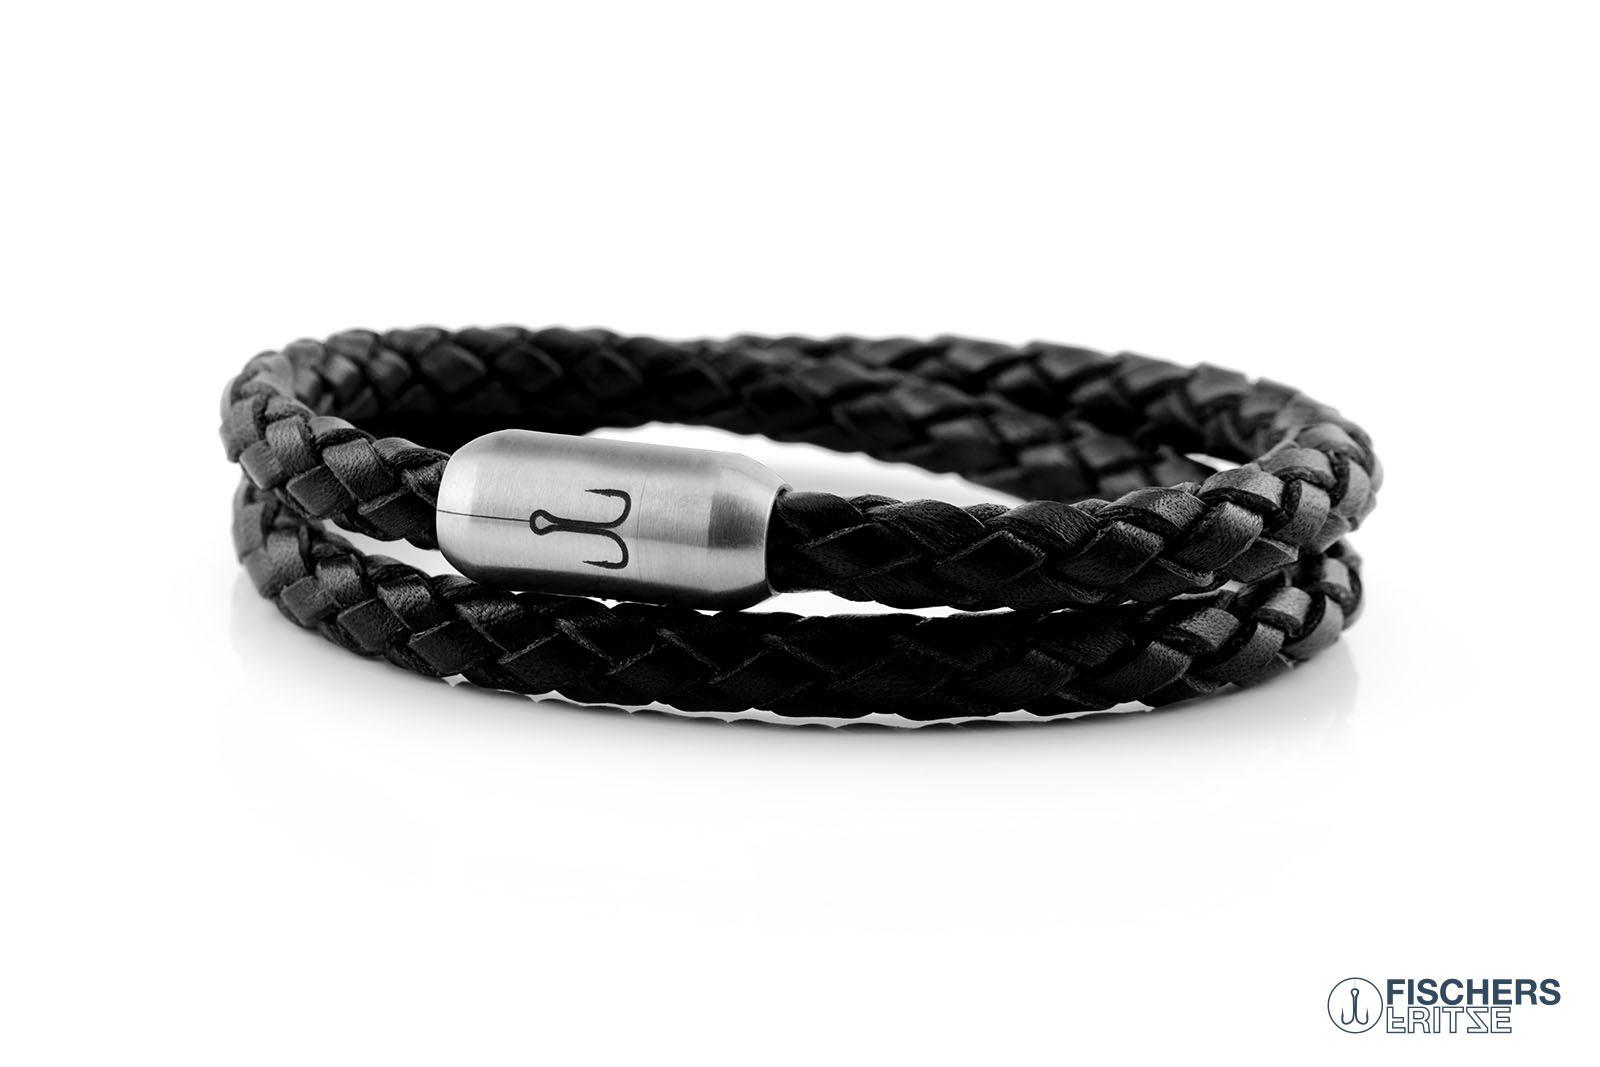 Wickelarmband Leder schwarz geflochten, Fischers Fritze Garnele, Gravur Edelstahl-Magnetverschluss